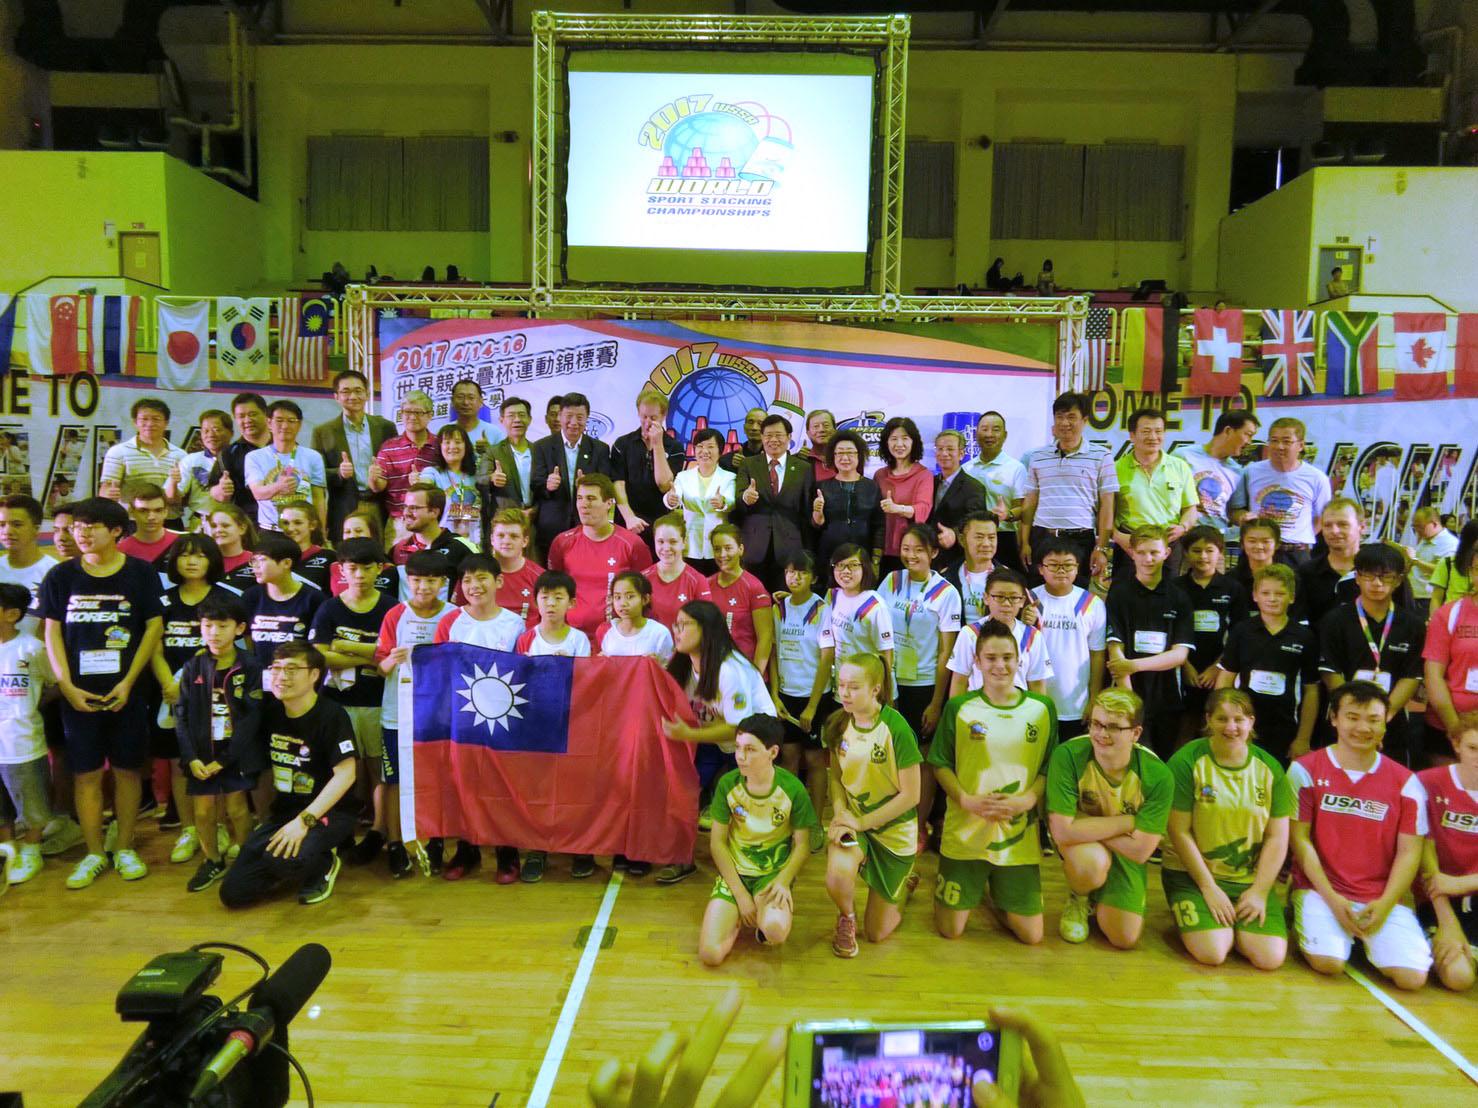 共有來自台灣、日本、韓國、英國、美國、加拿大、澳洲、紐西蘭、德國、俄羅斯、南非等20個國家、463名選手同場競技。